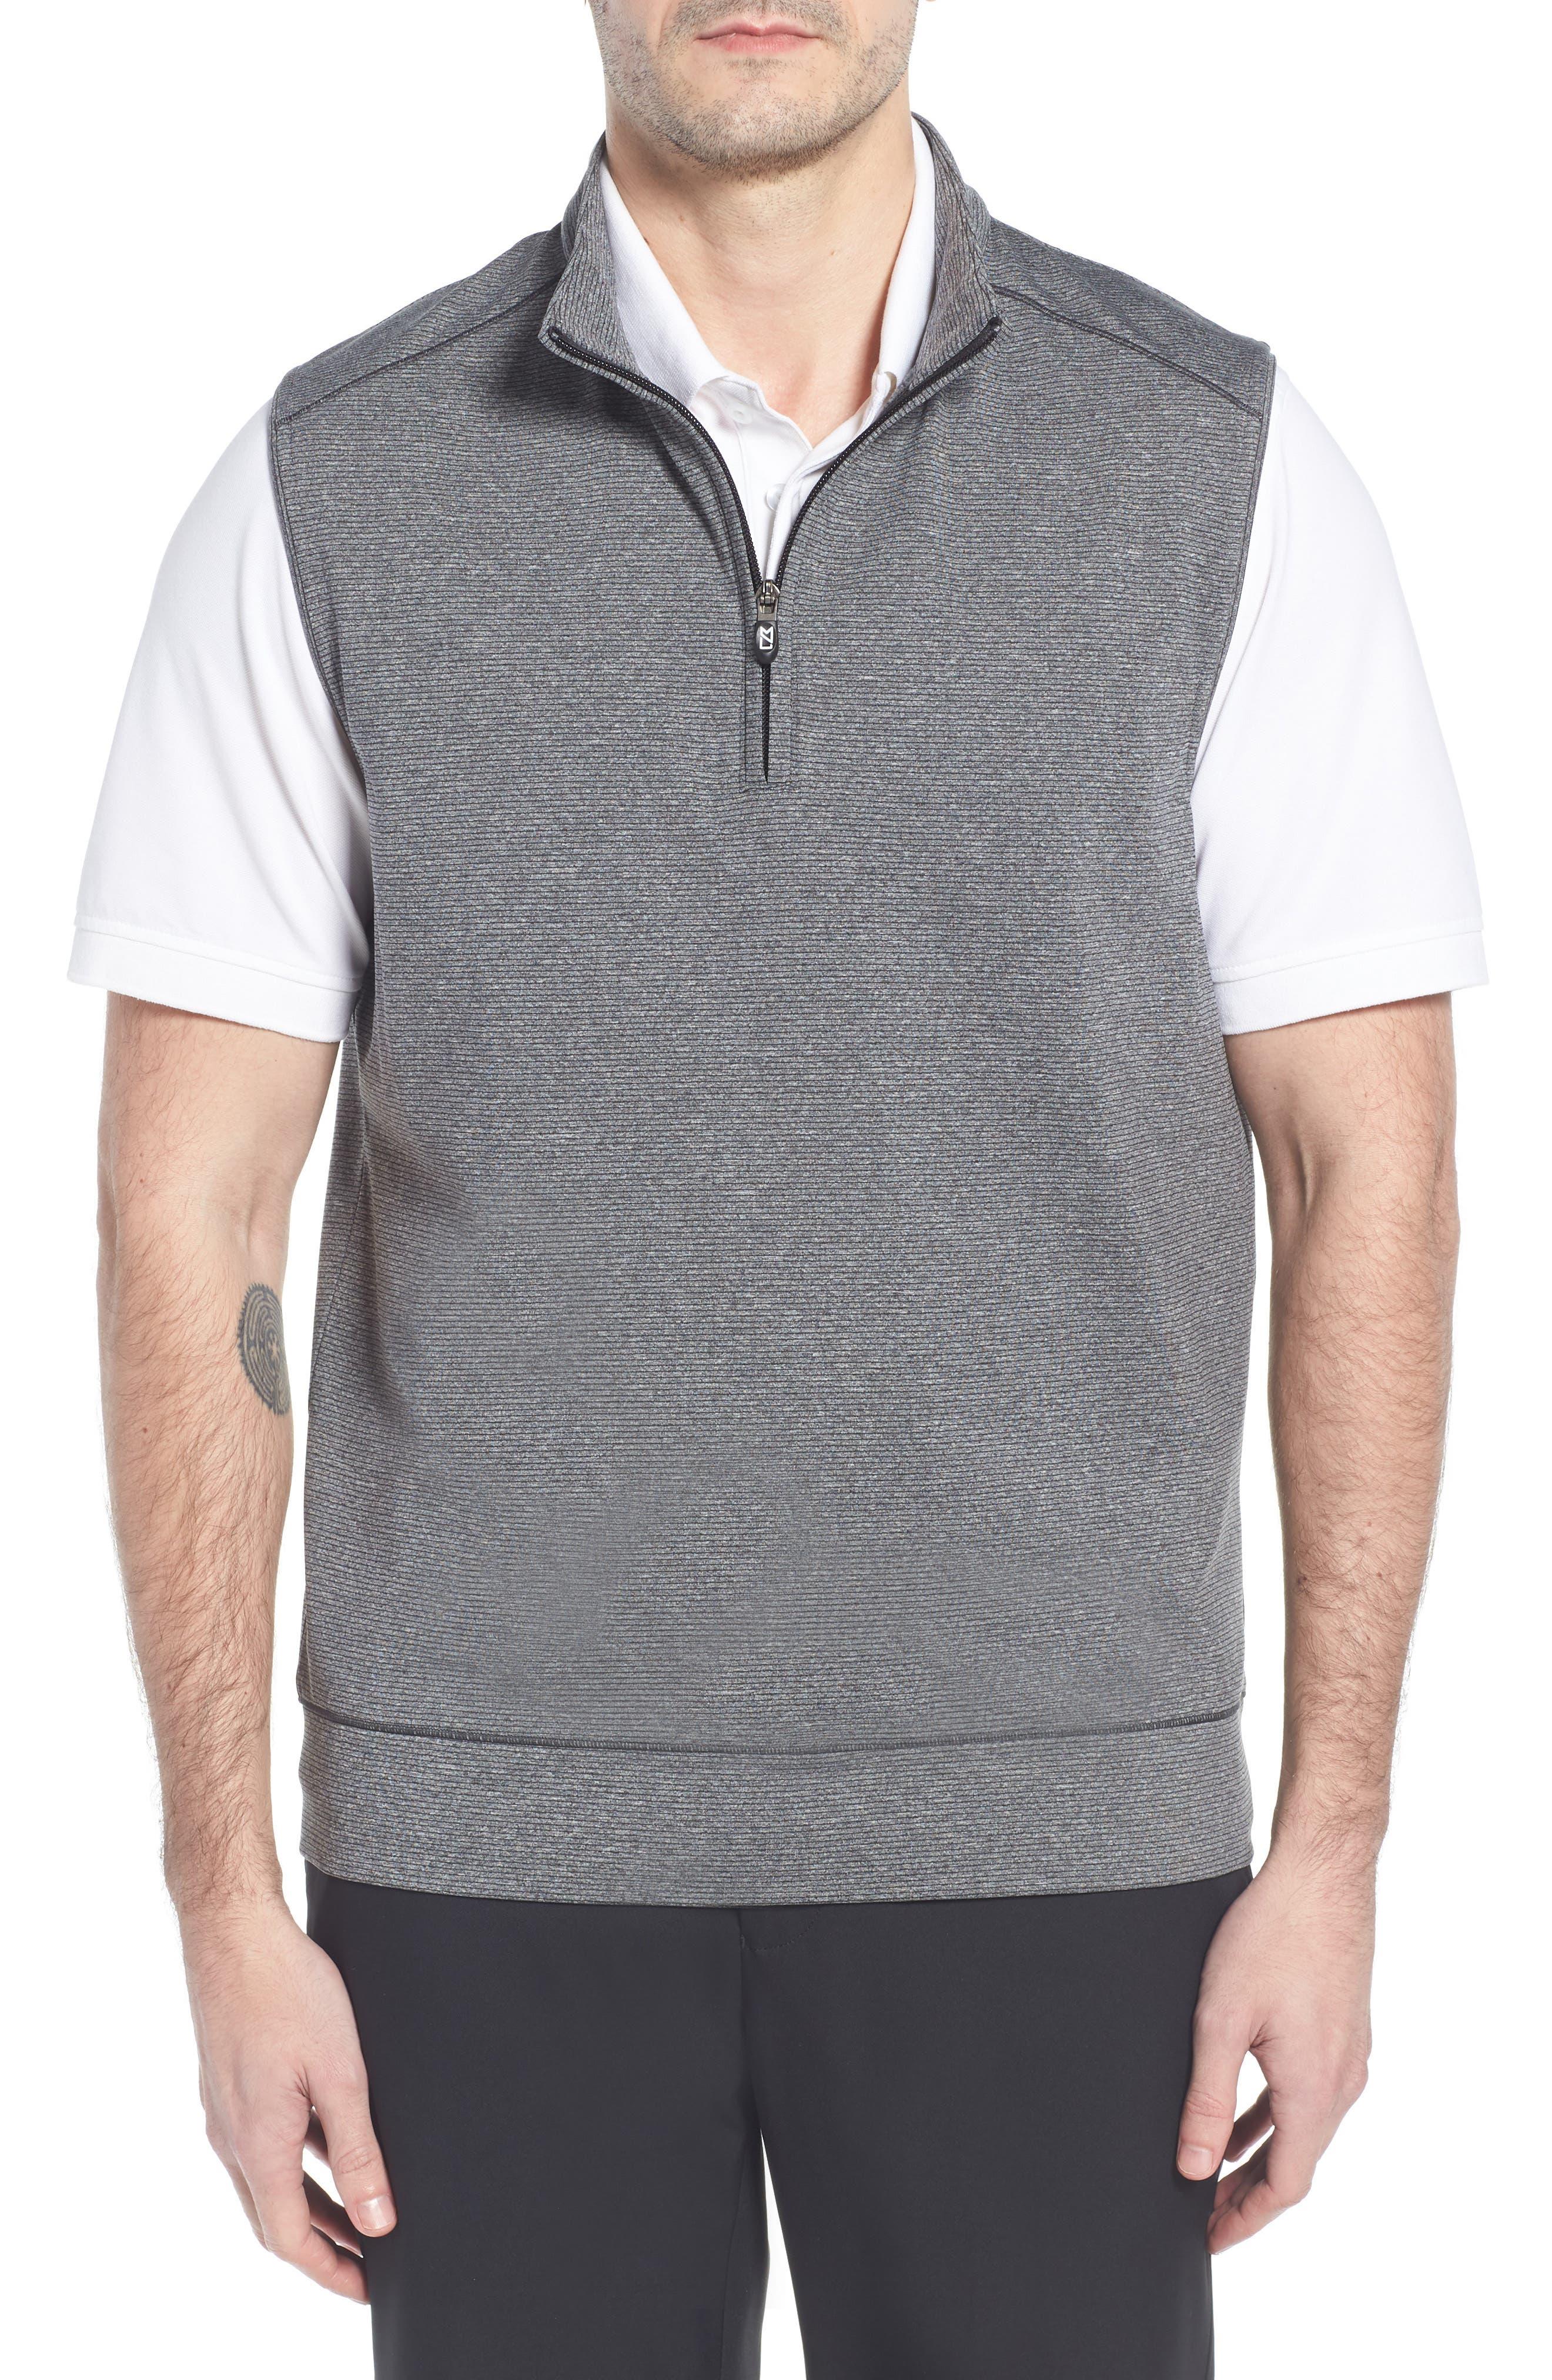 Shoreline Quarter Zip Vest,                             Main thumbnail 1, color,                             CHARCOAL HEATHER